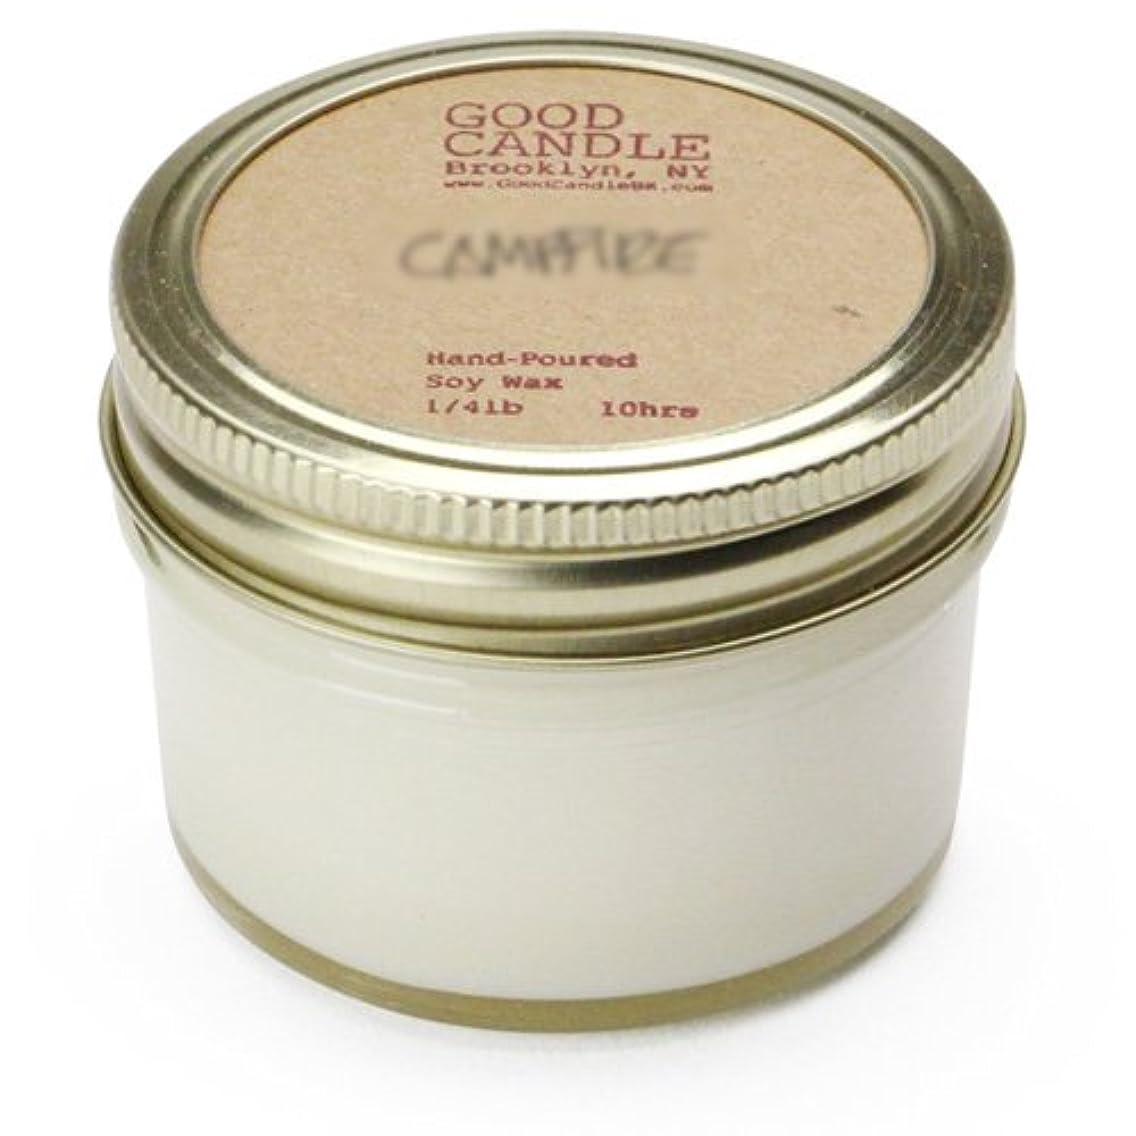 からに変化する句読点驚グッドキャンドル 1/4ポンド ゼリージャー キャンドル Good Candle 1/4LB Jelly jar candle [ Rose ] 正規品